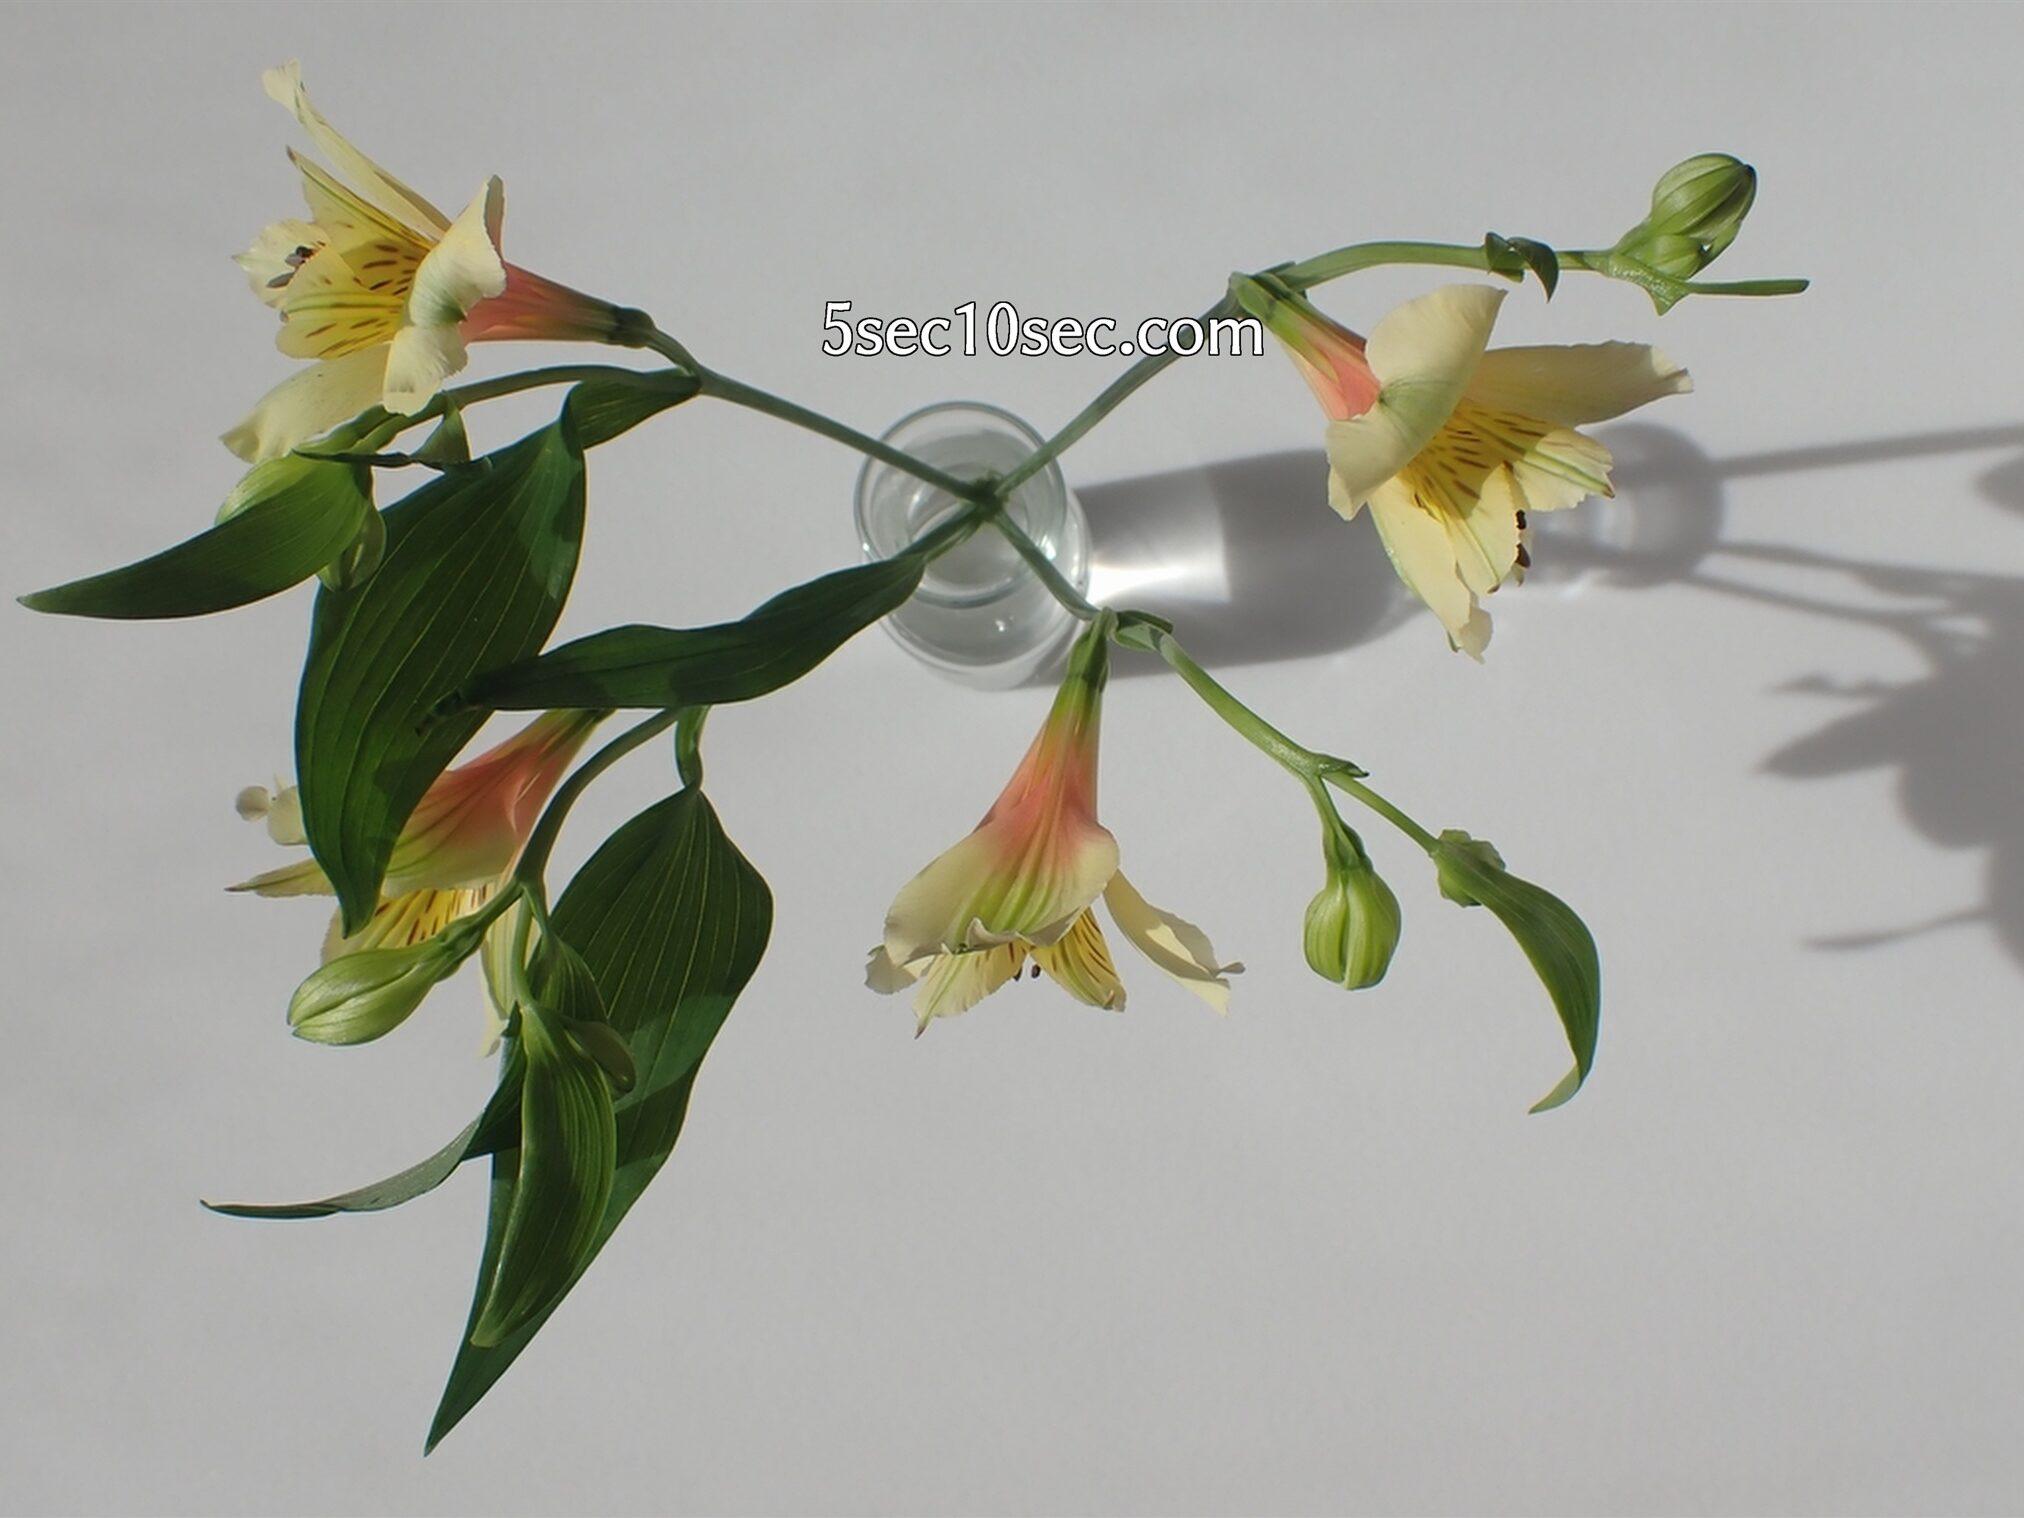 株式会社Crunch Style Bloomee LIFE(ブルーミーライフ)レギュラープラン アルストロメリアの茎がパーテーションの役割をして、花瓶に生けやすい